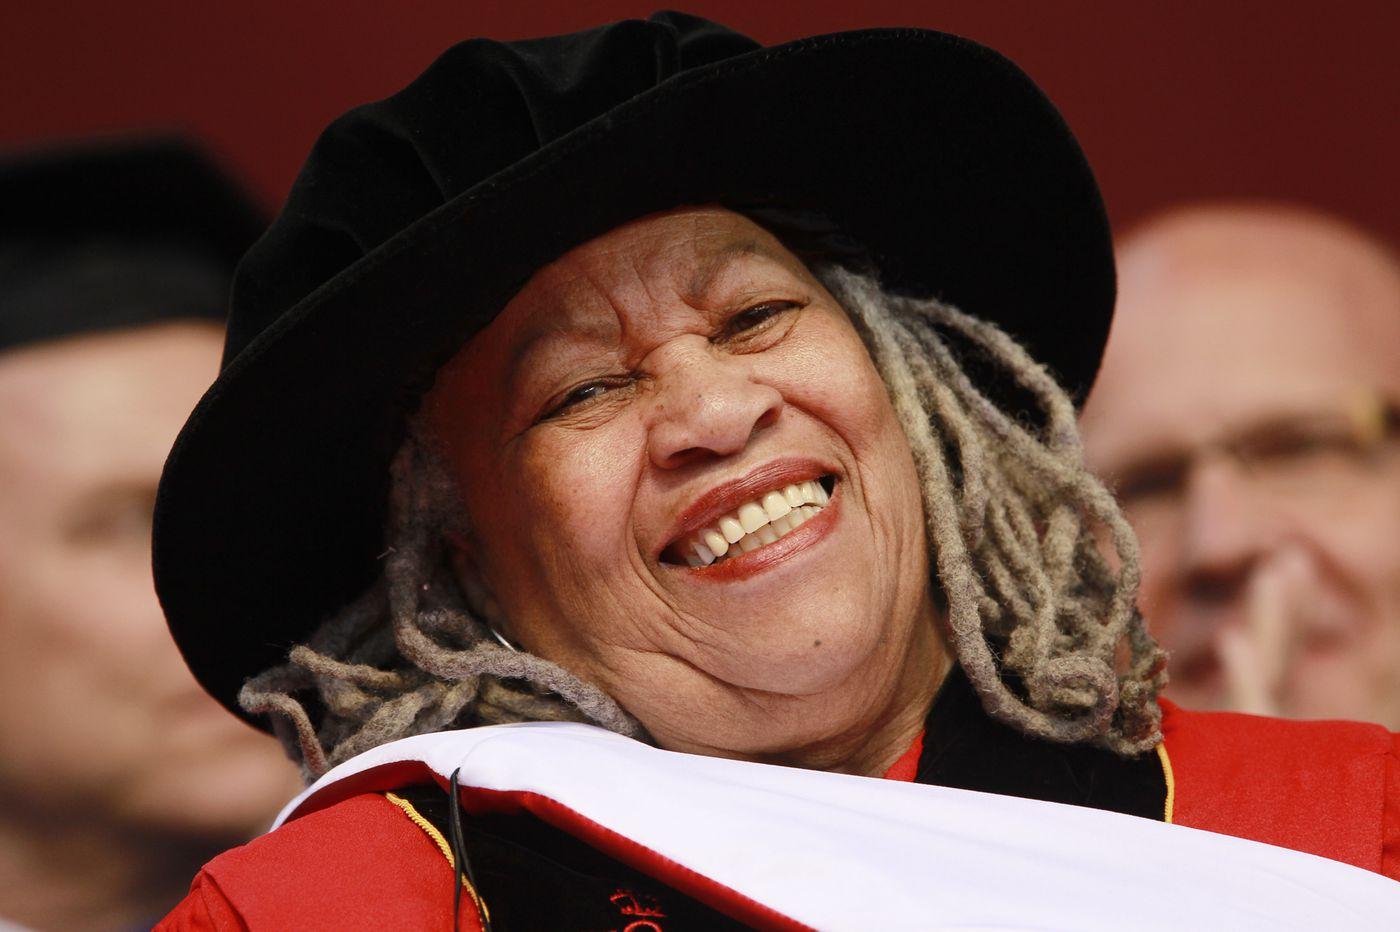 Toni Morrison, renowned writer, Nobel laureate and Princeton University professor, dies at 88